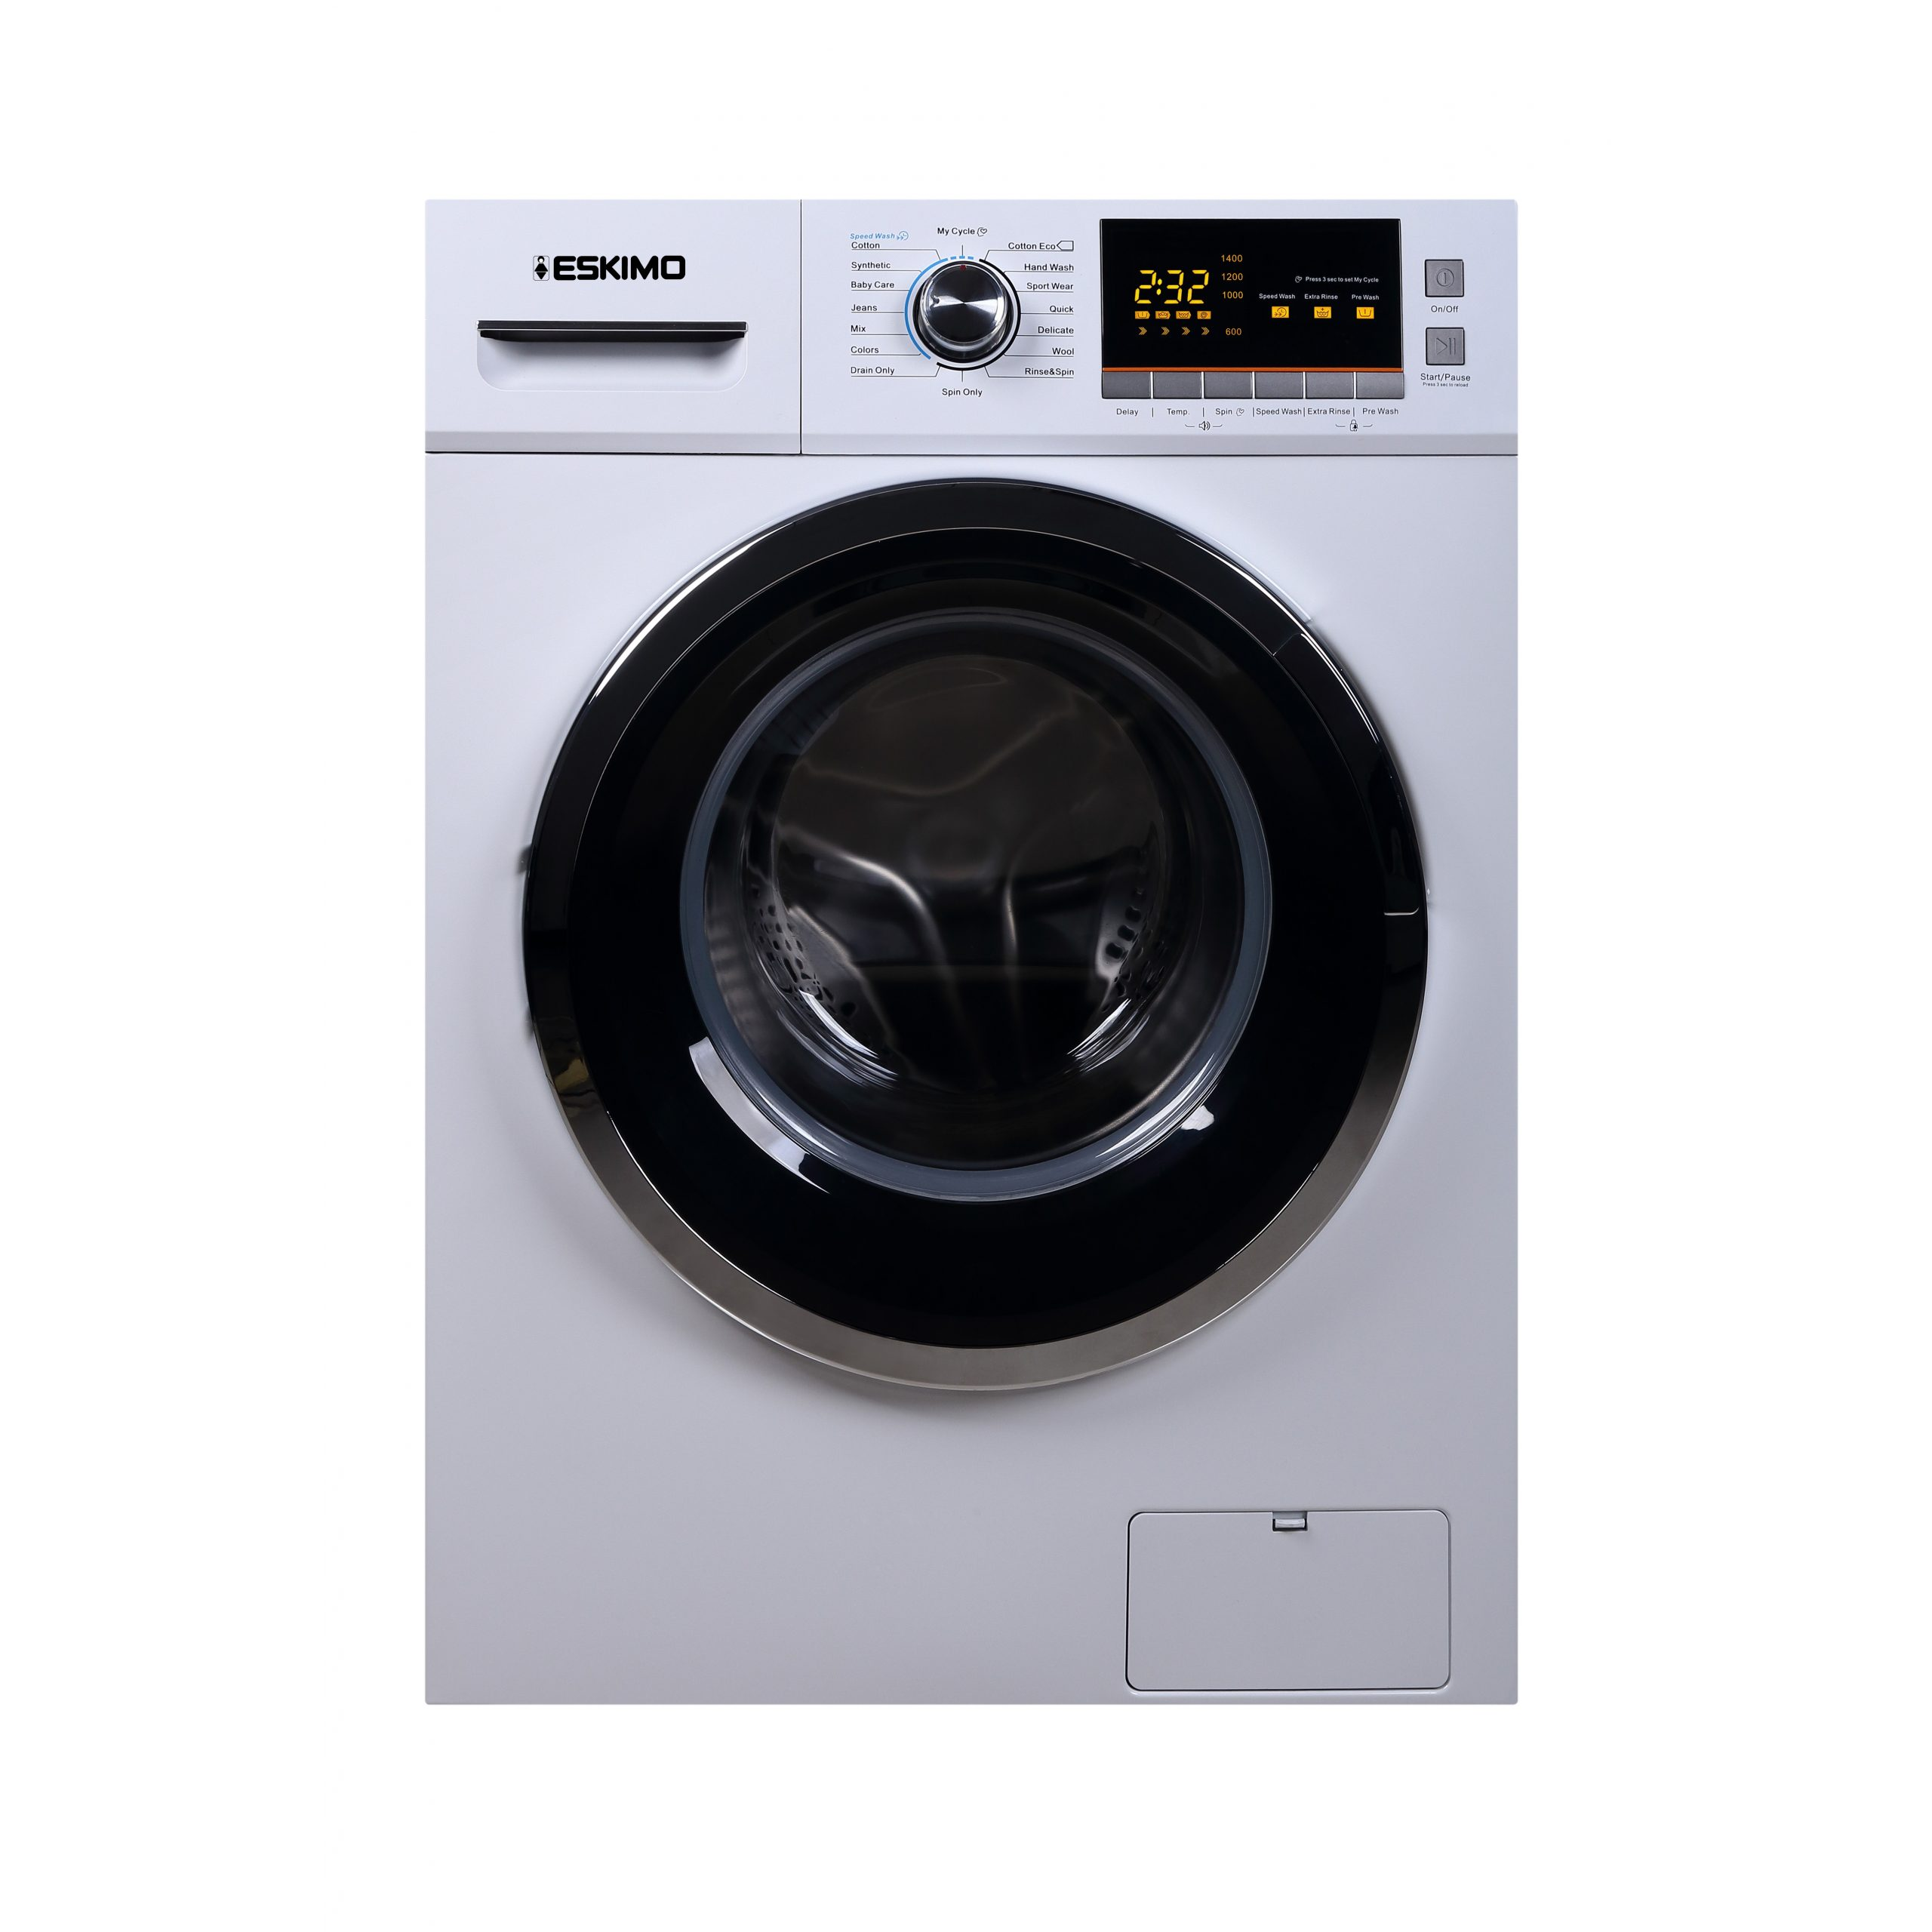 Eskimo Πλυντήριο Ρούχων ES 8970 Lux